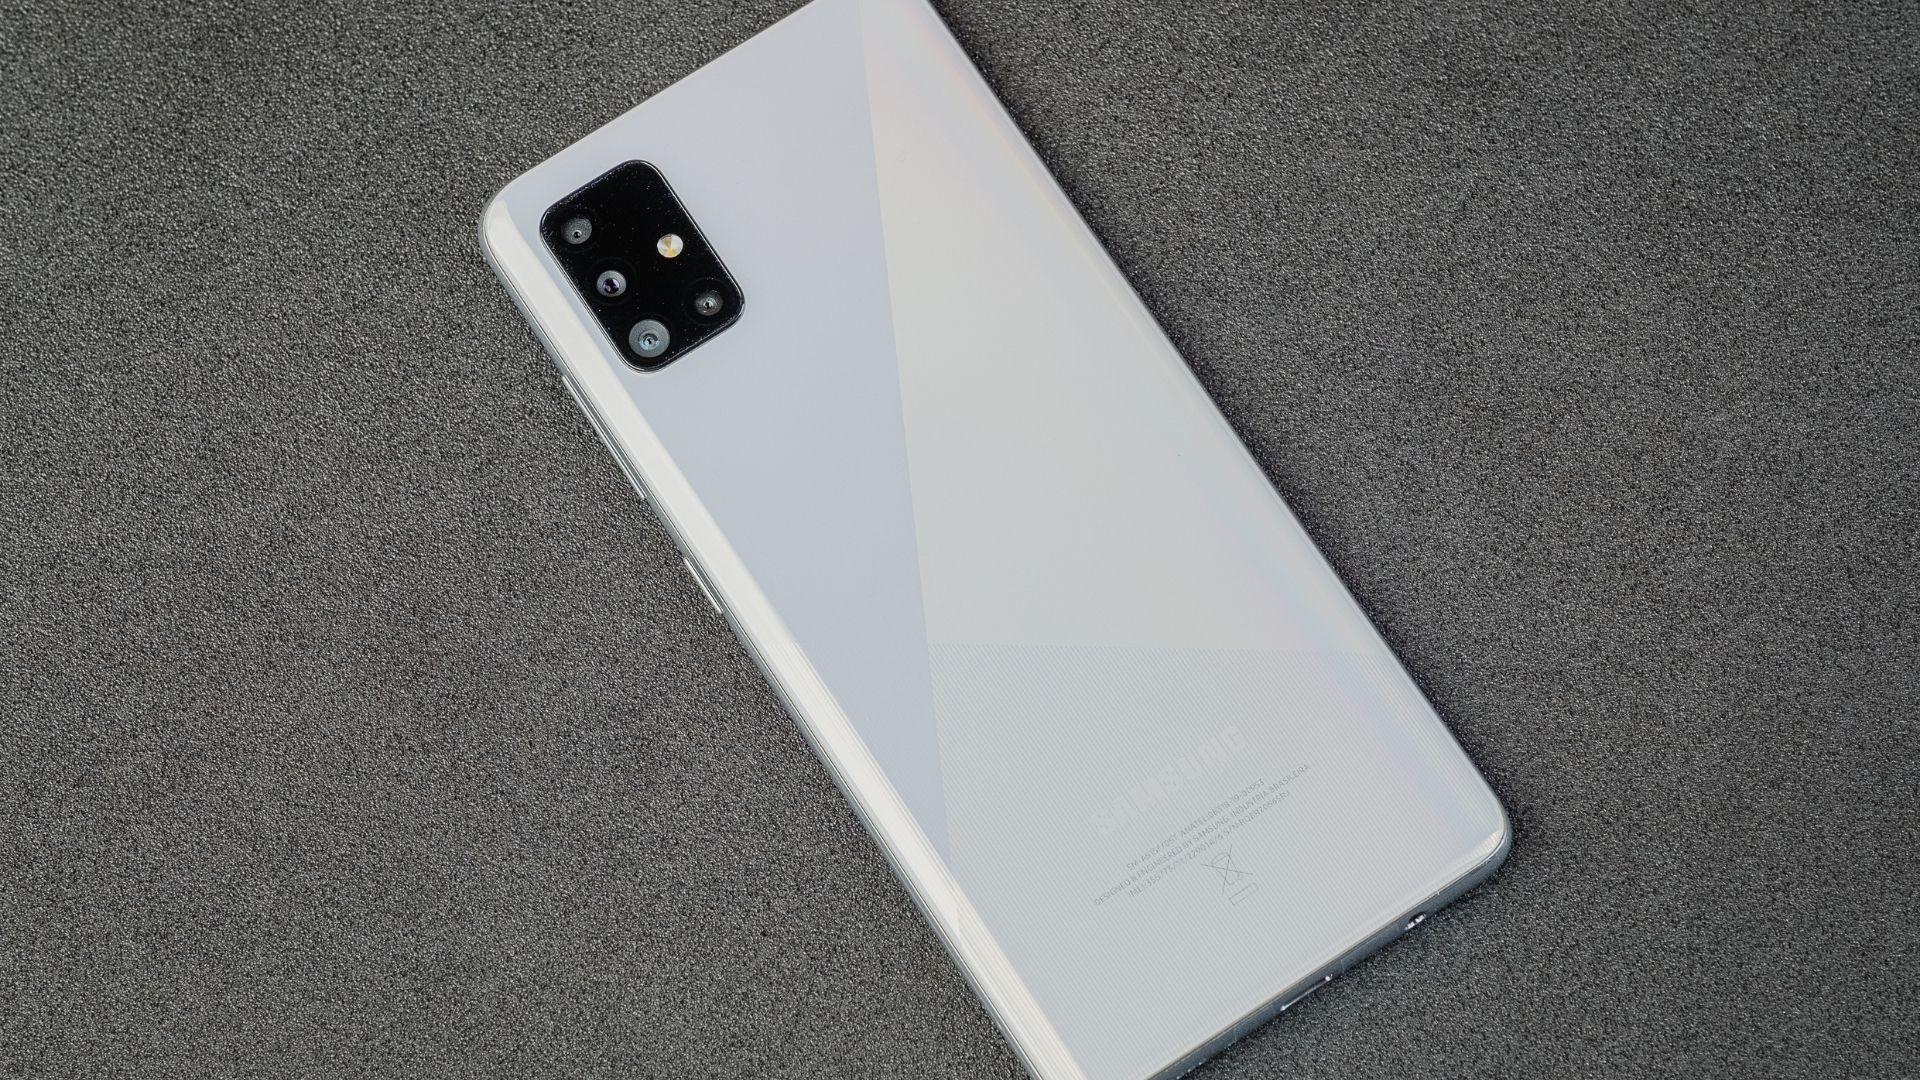 Parte traseira do A51 com o conjunto de câmeras e o logo da Samsung